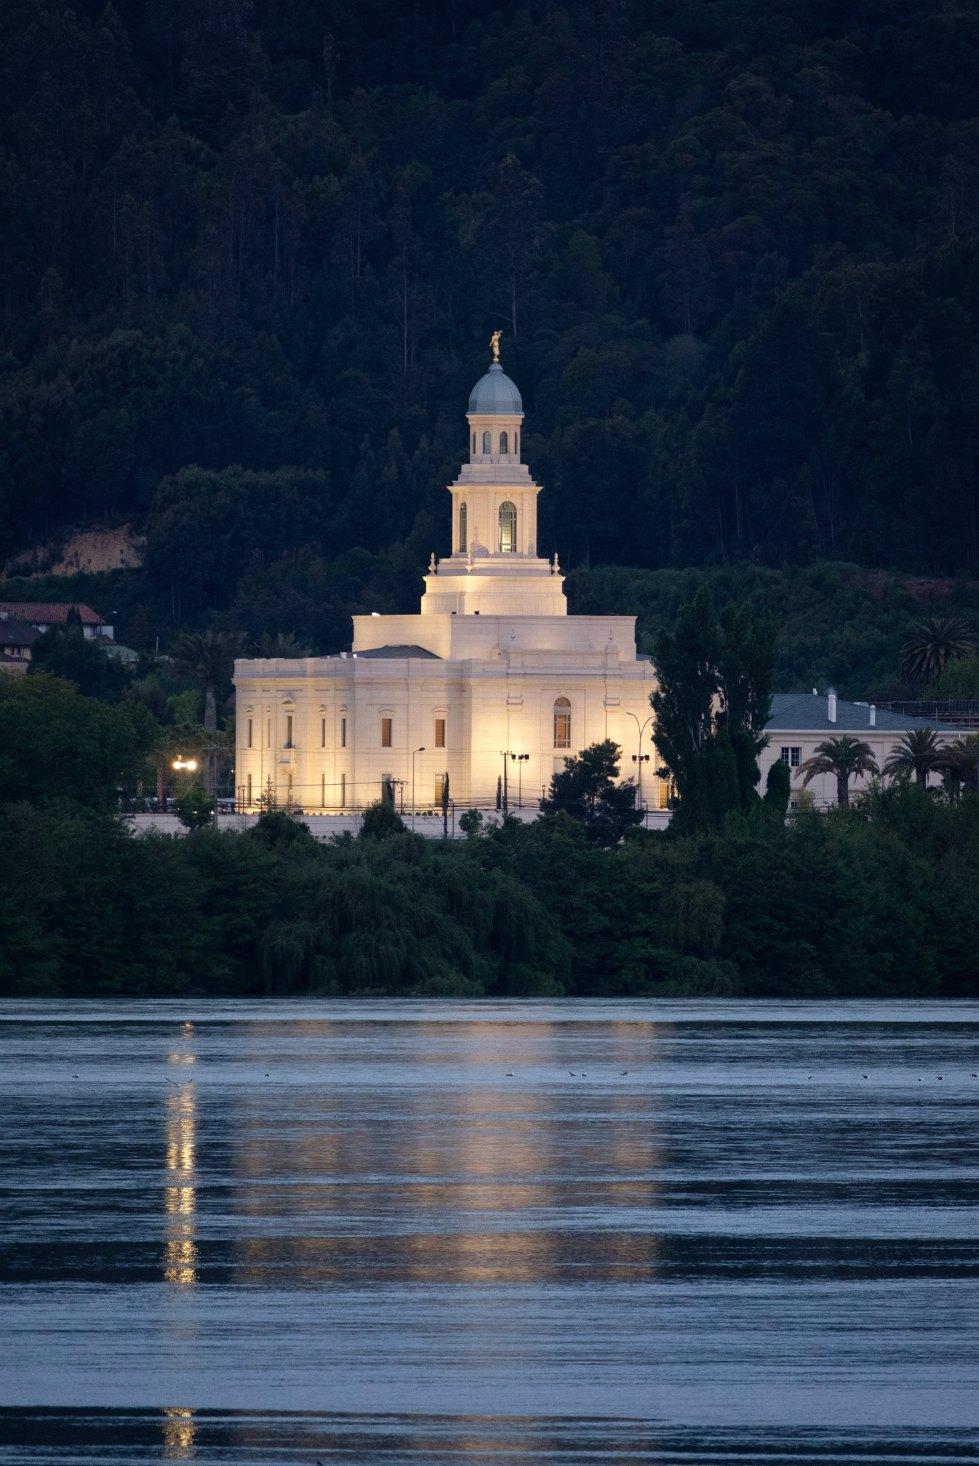 Presidente Nelson dedica el Templo de Concepción, Chile